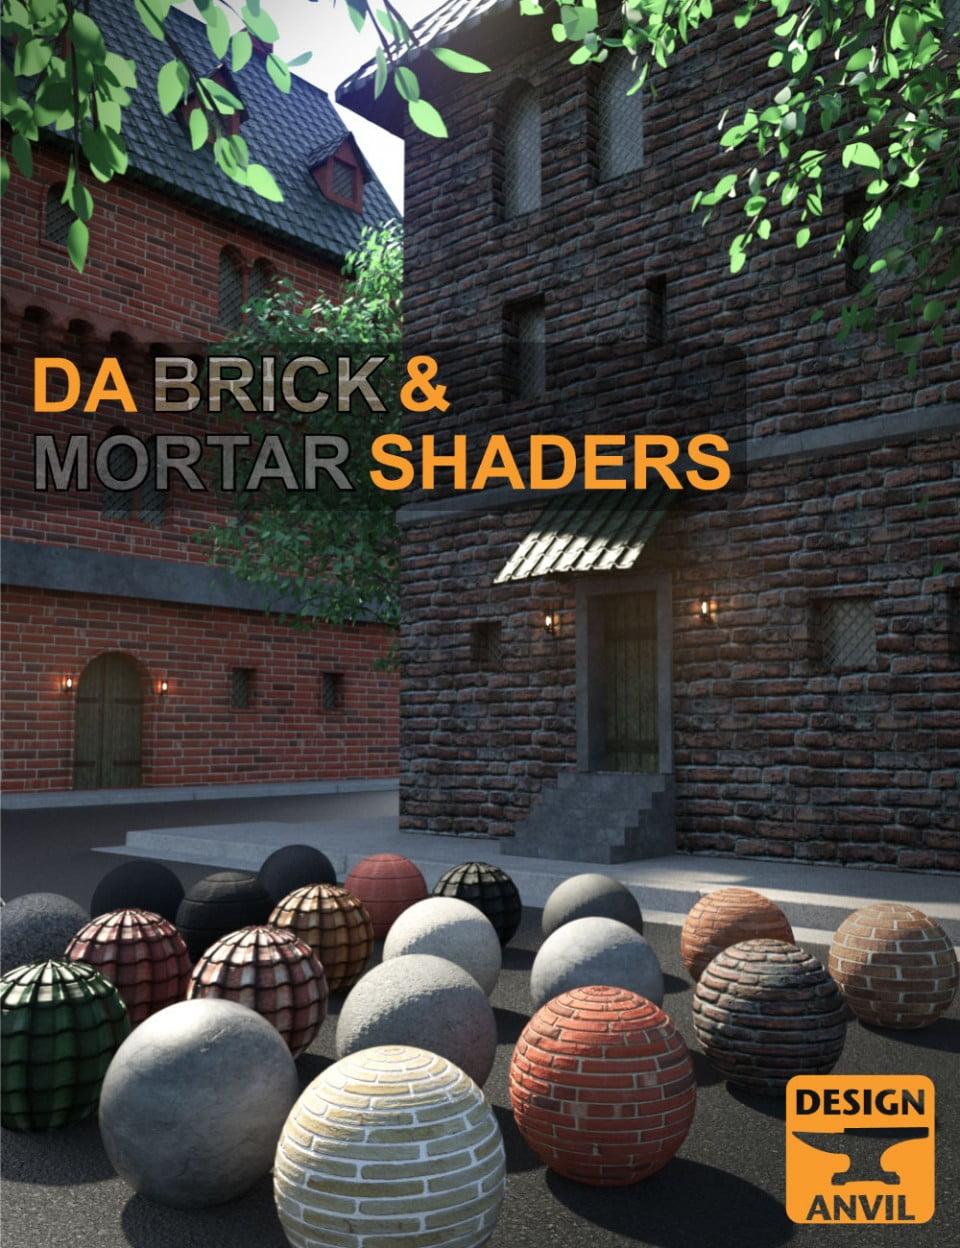 DA Brick and Mortar Shaders